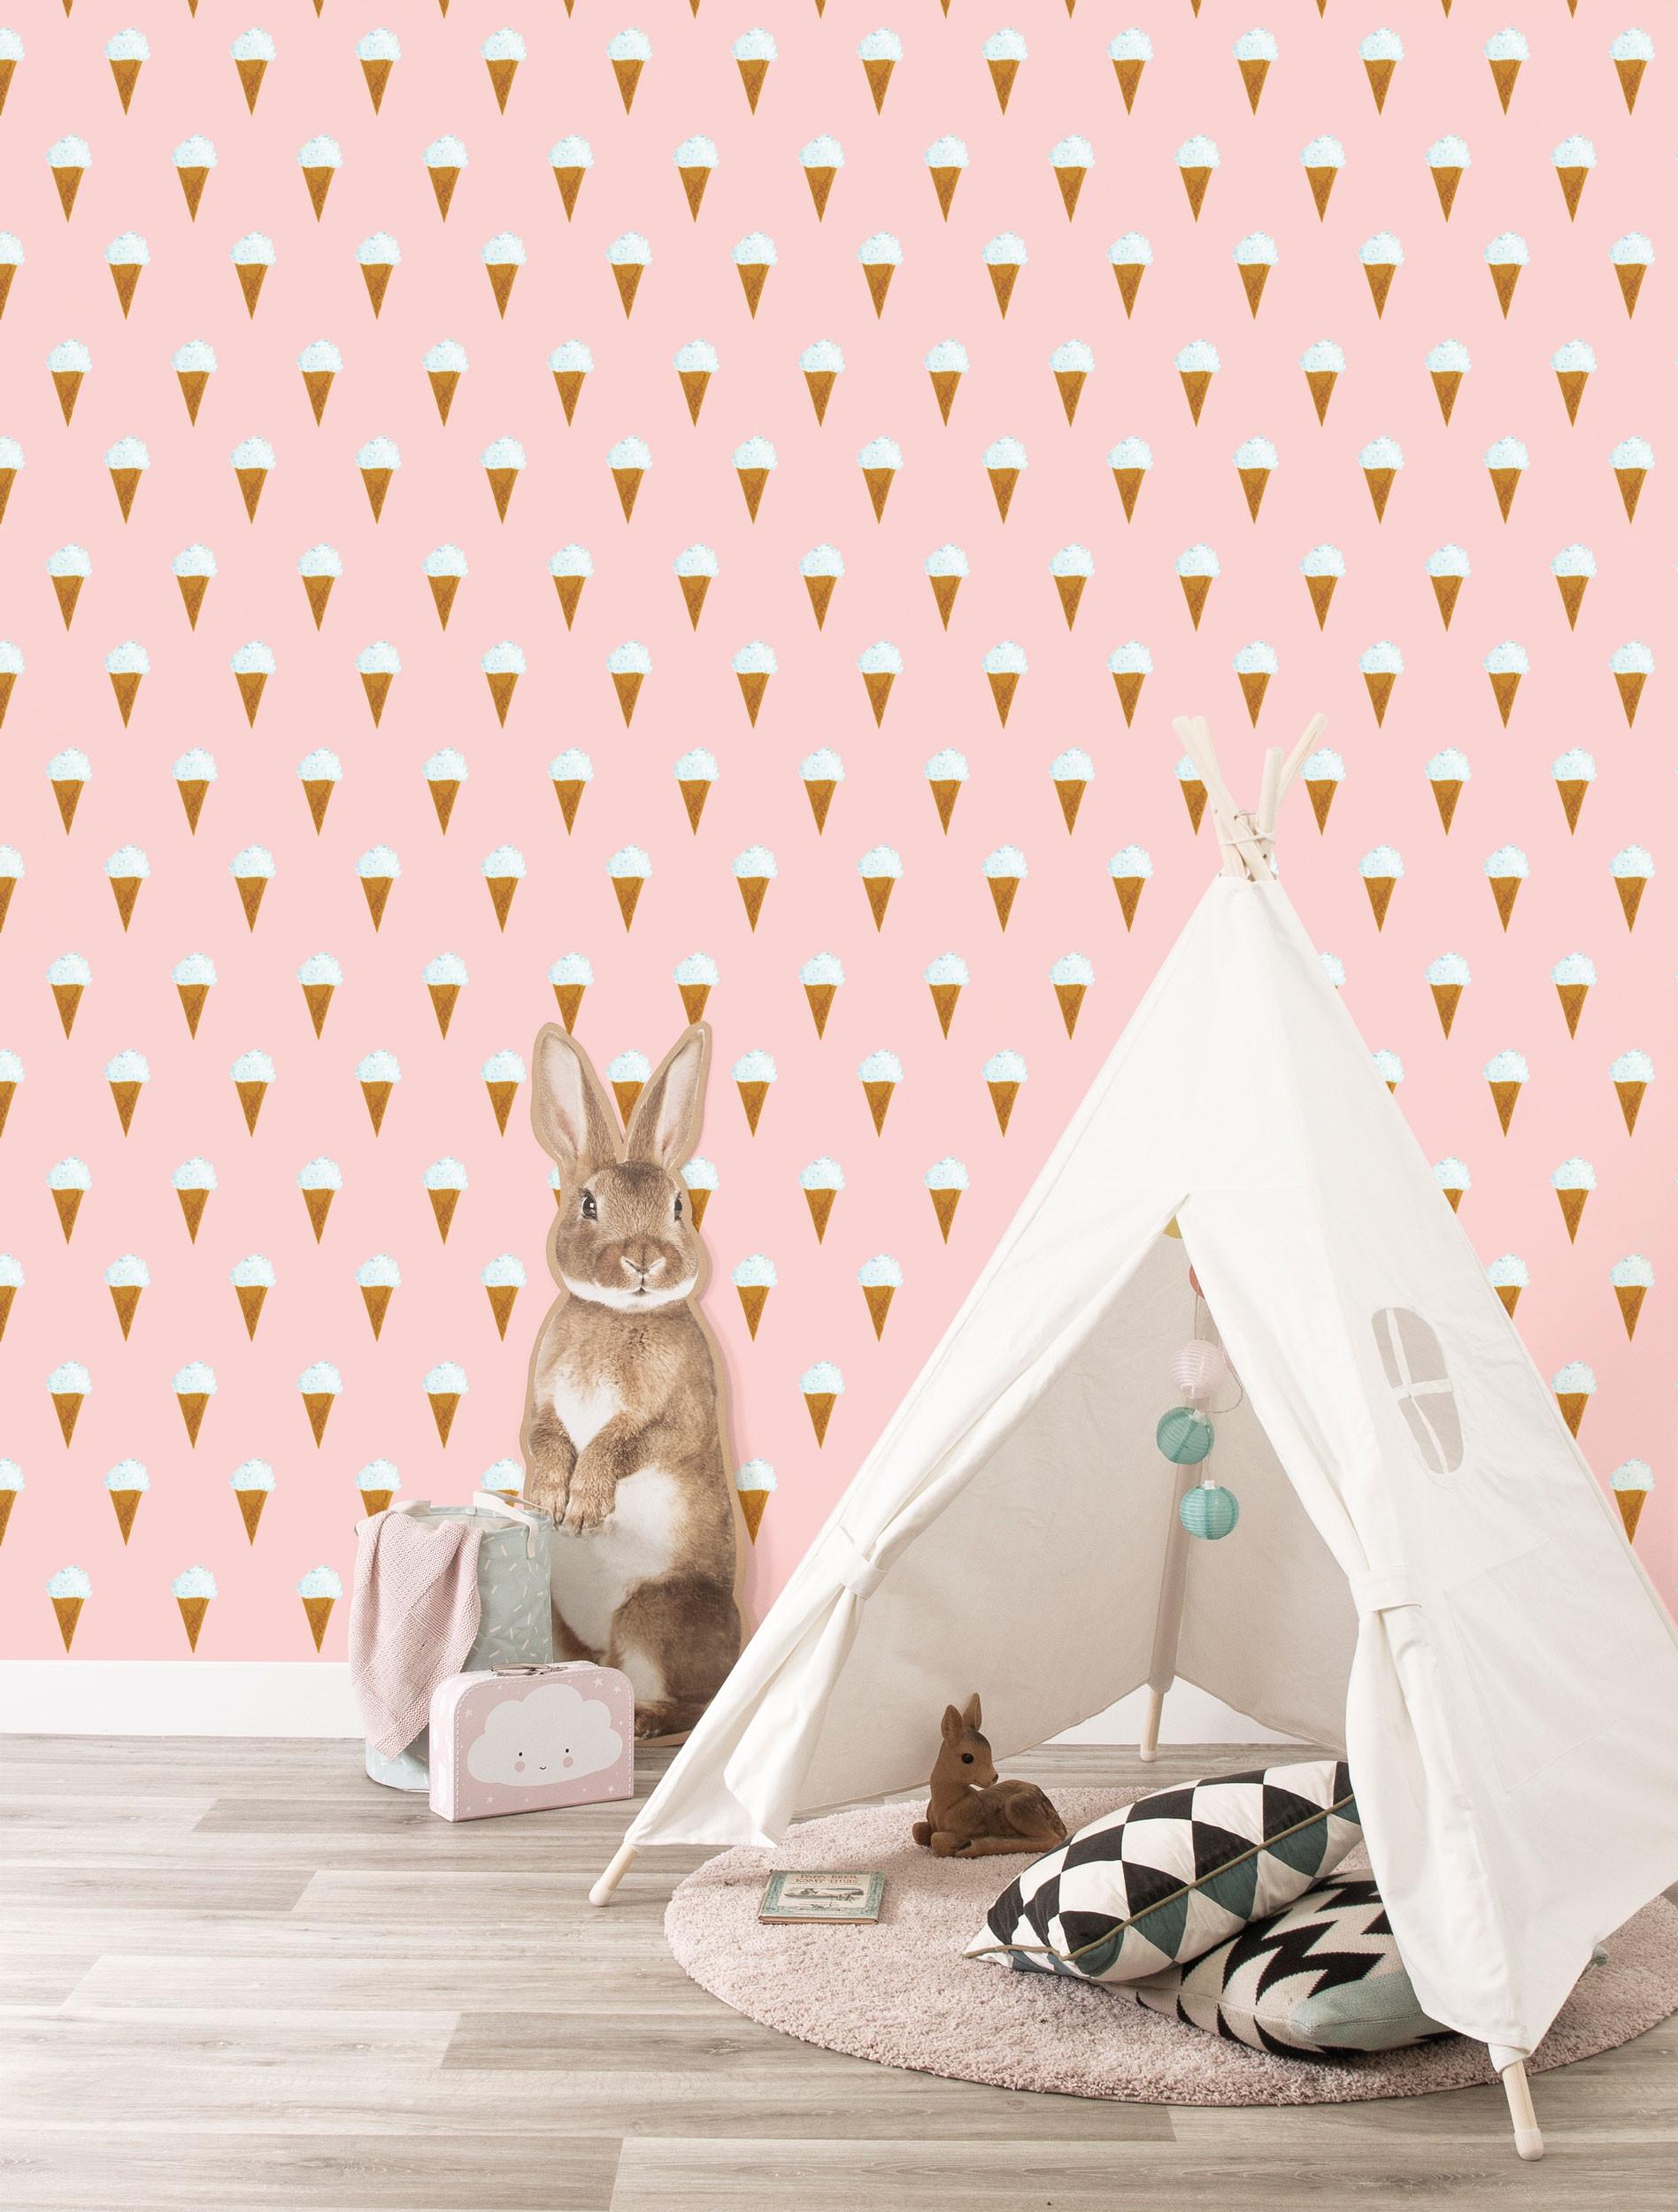 KEK Amsterdam Behang Iijsjes Roze, 97.4 x 280 cm-8719743885844-312